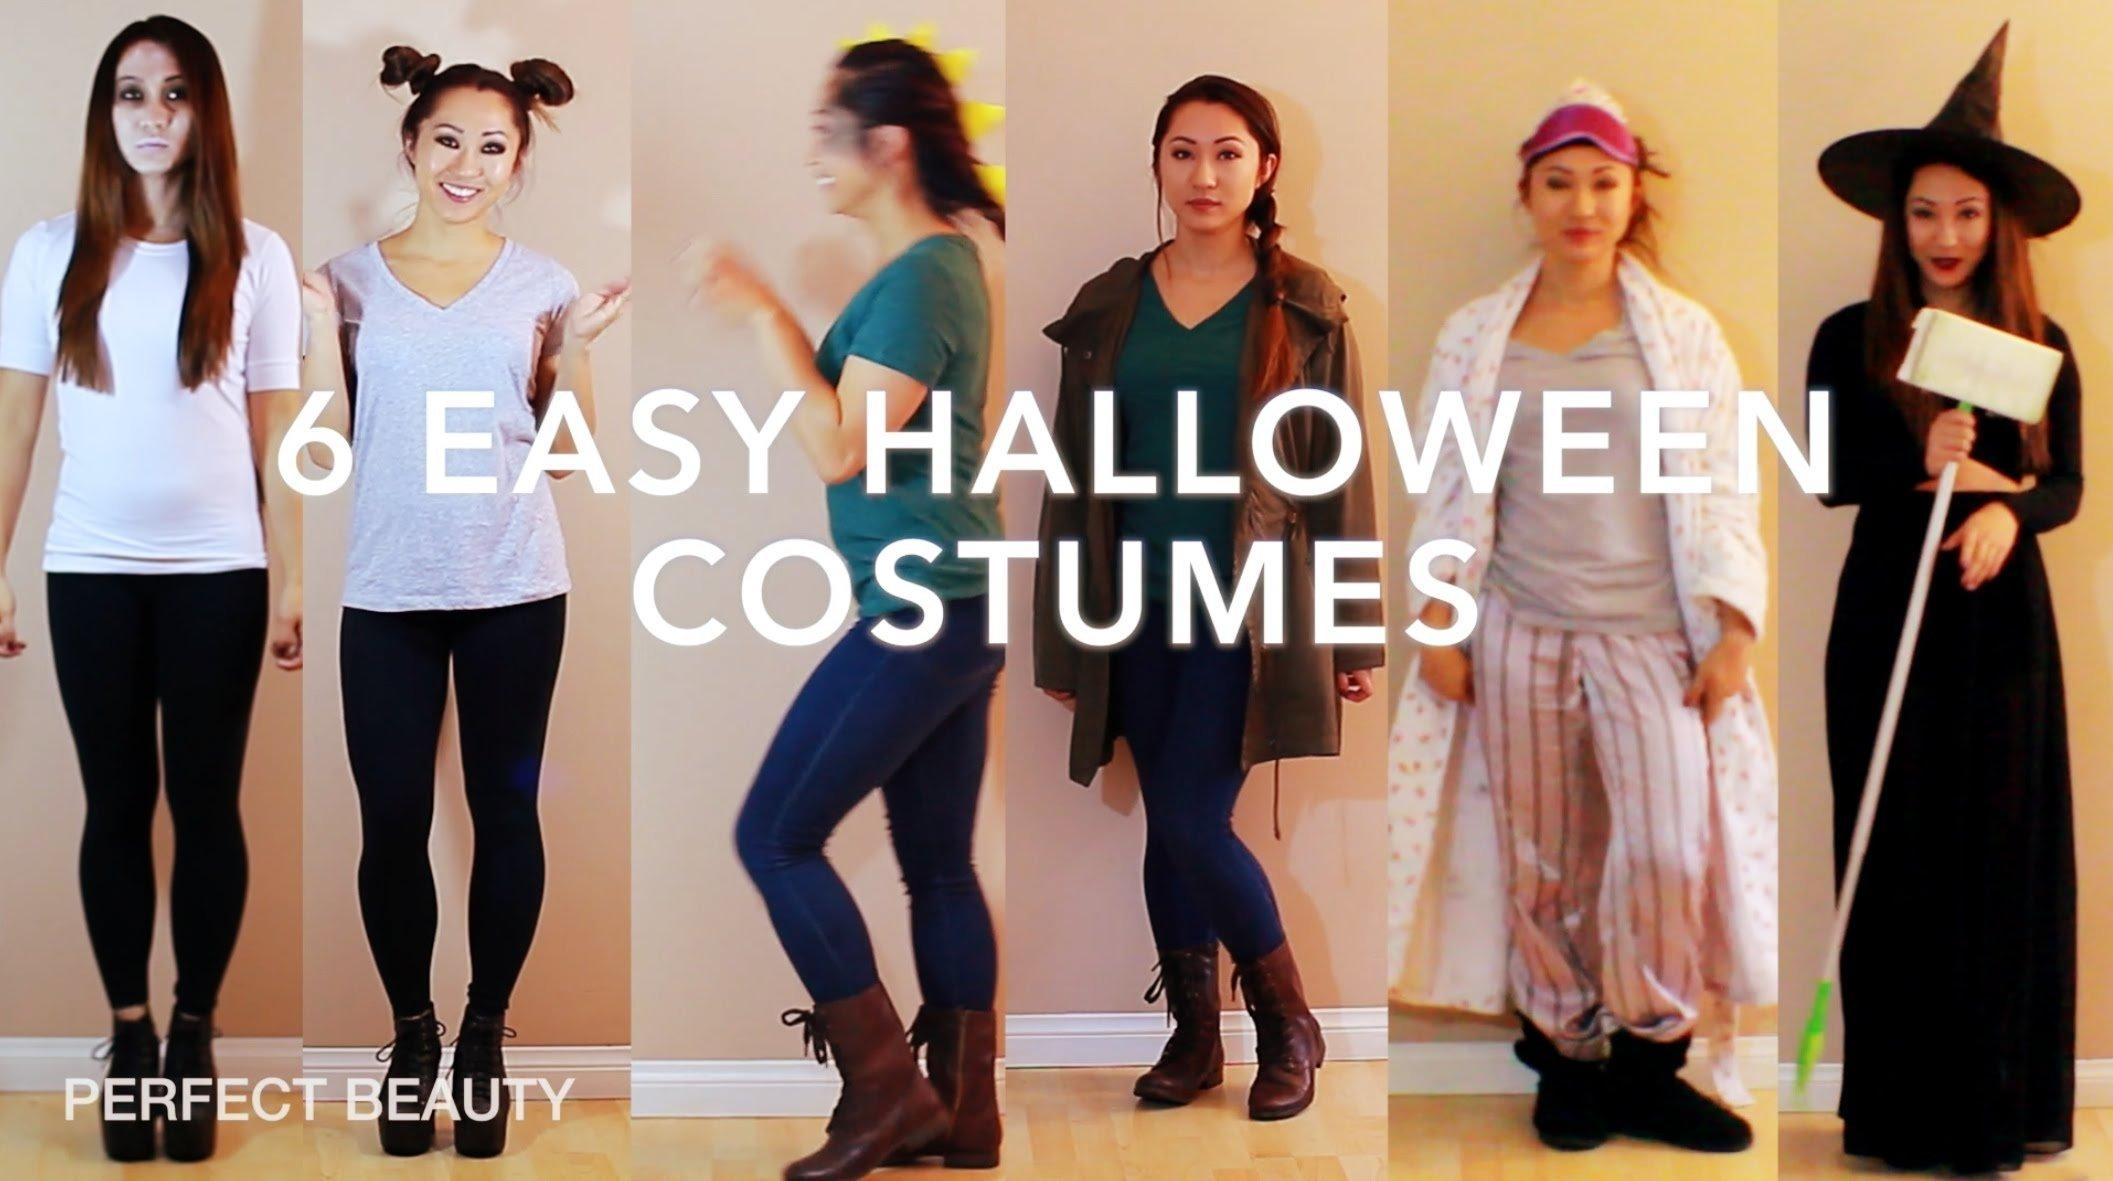 10 Perfect Last Minute Adult Costume Ideas last minute diy halloween costume ideas perfect beauty youtube 18 2020